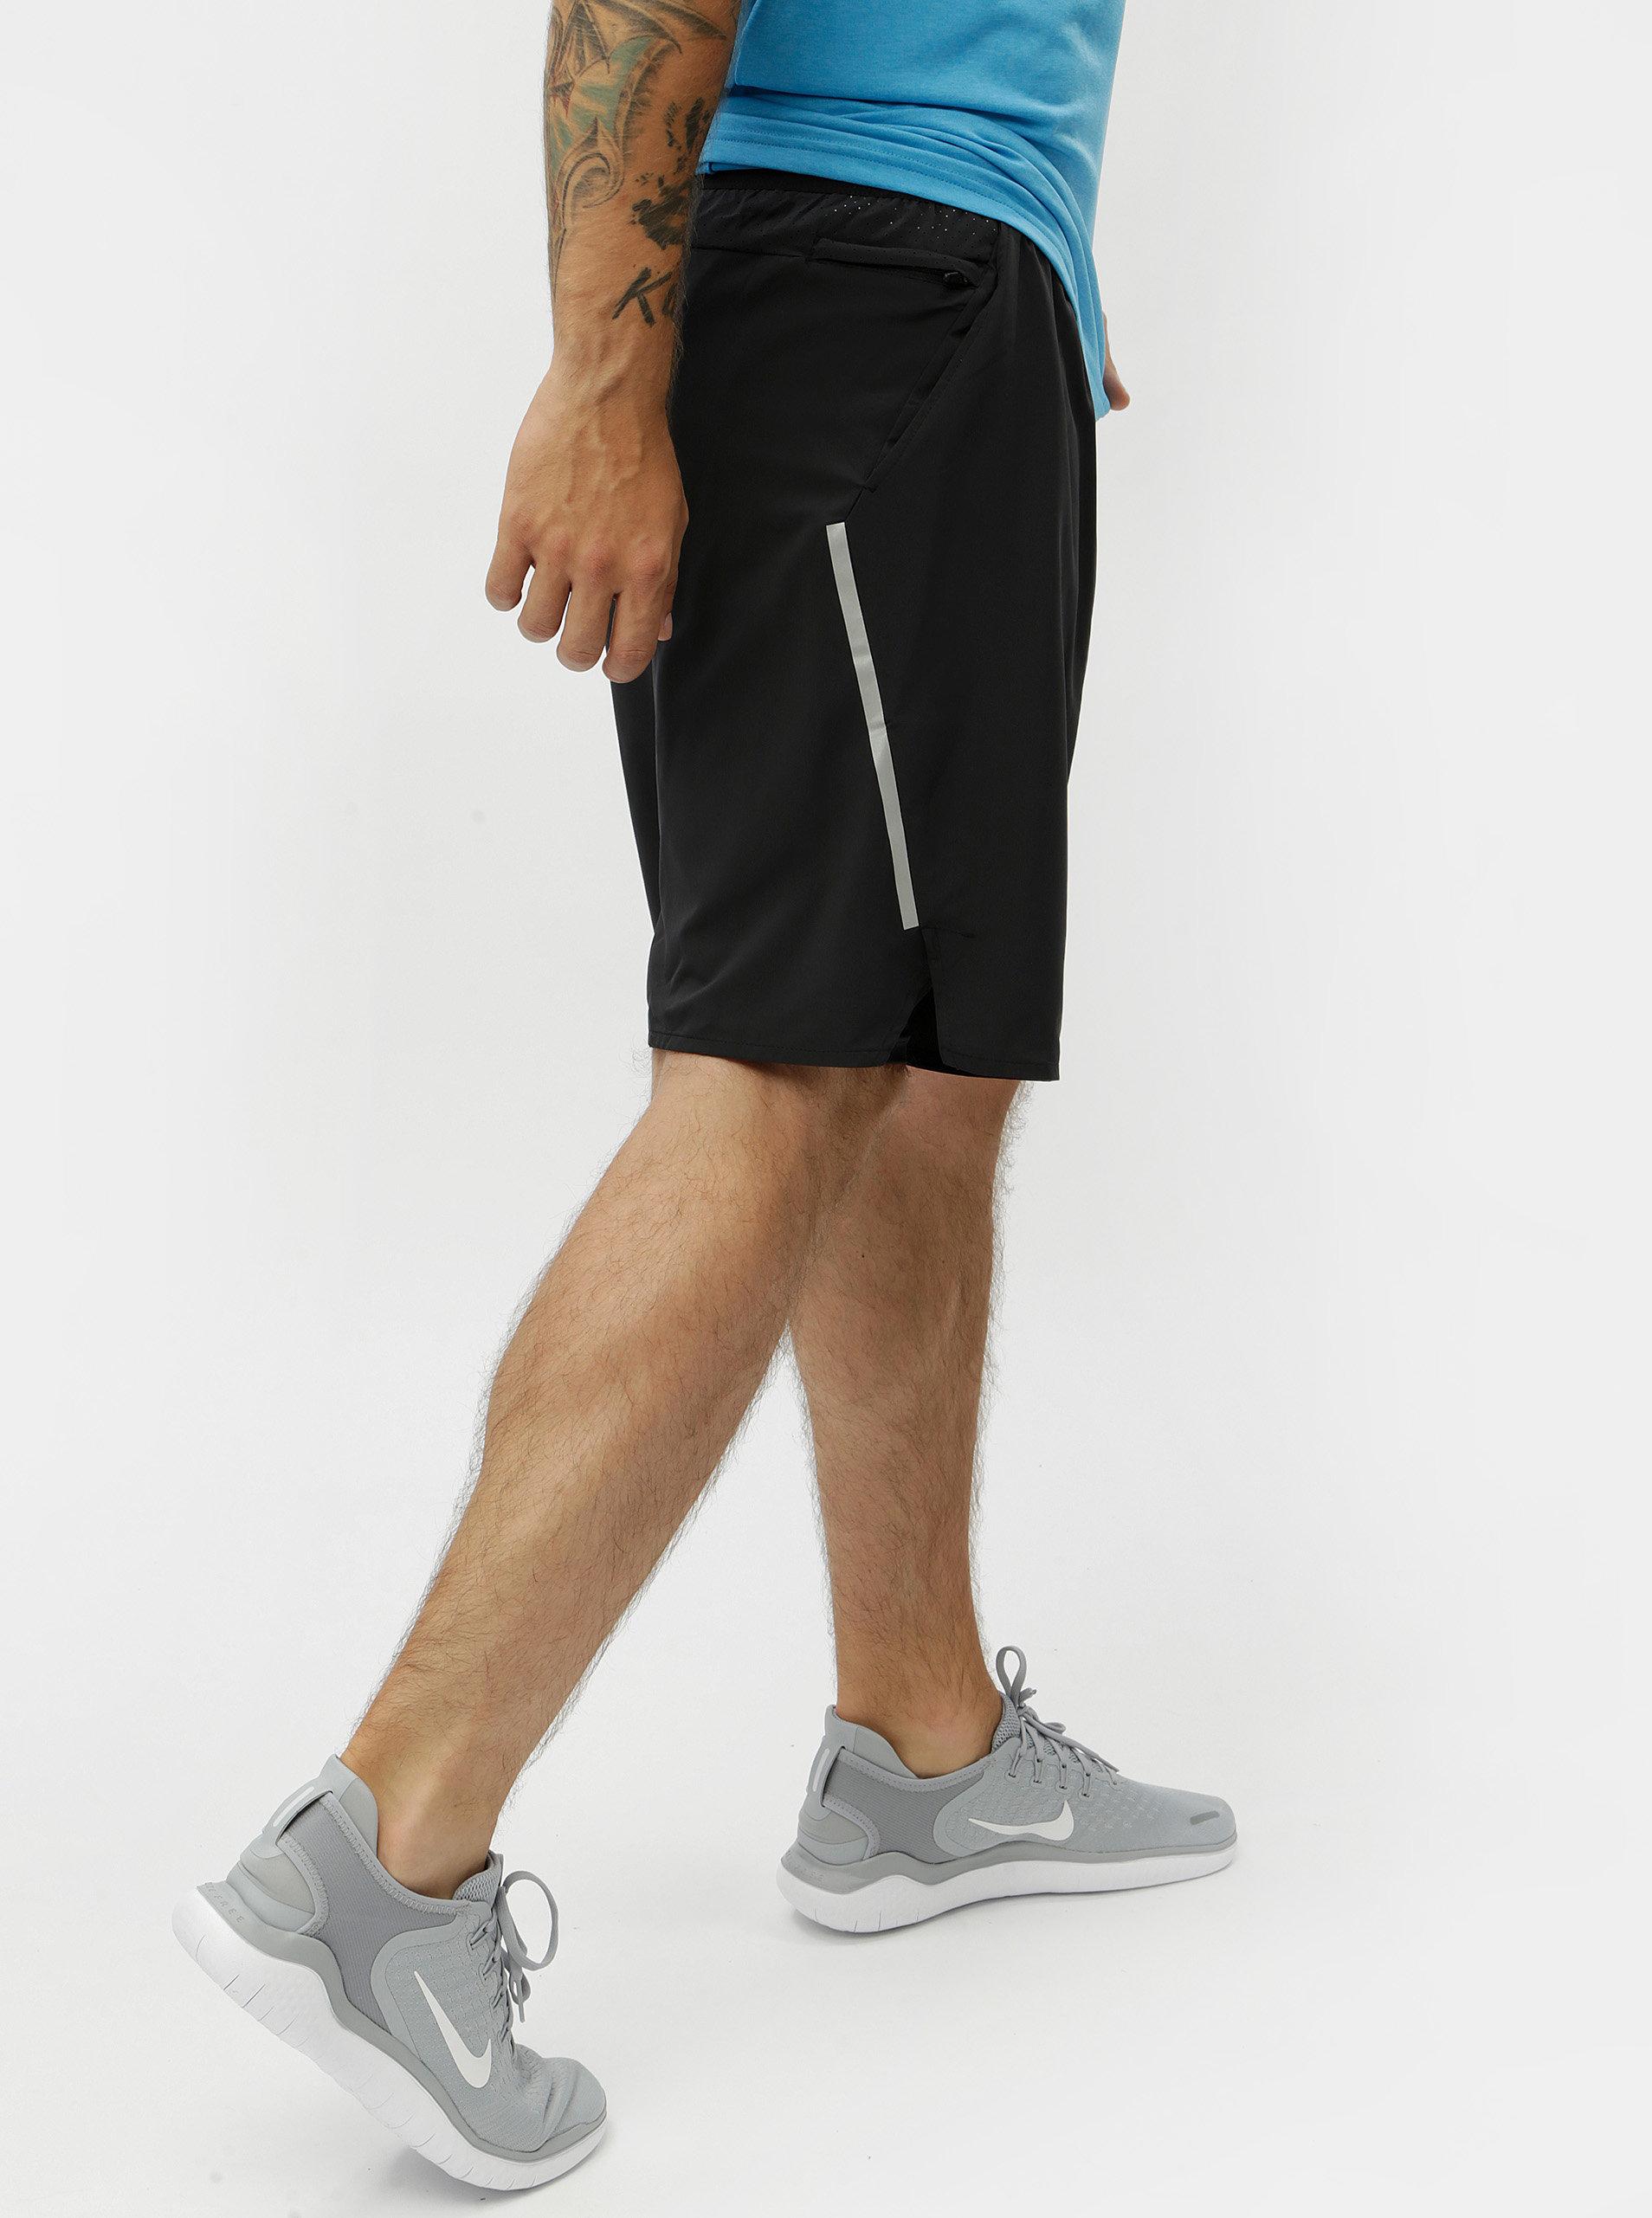 Černé pánské funkční standart fit kraťasy Nike Distance ... e0f6a1ccc4